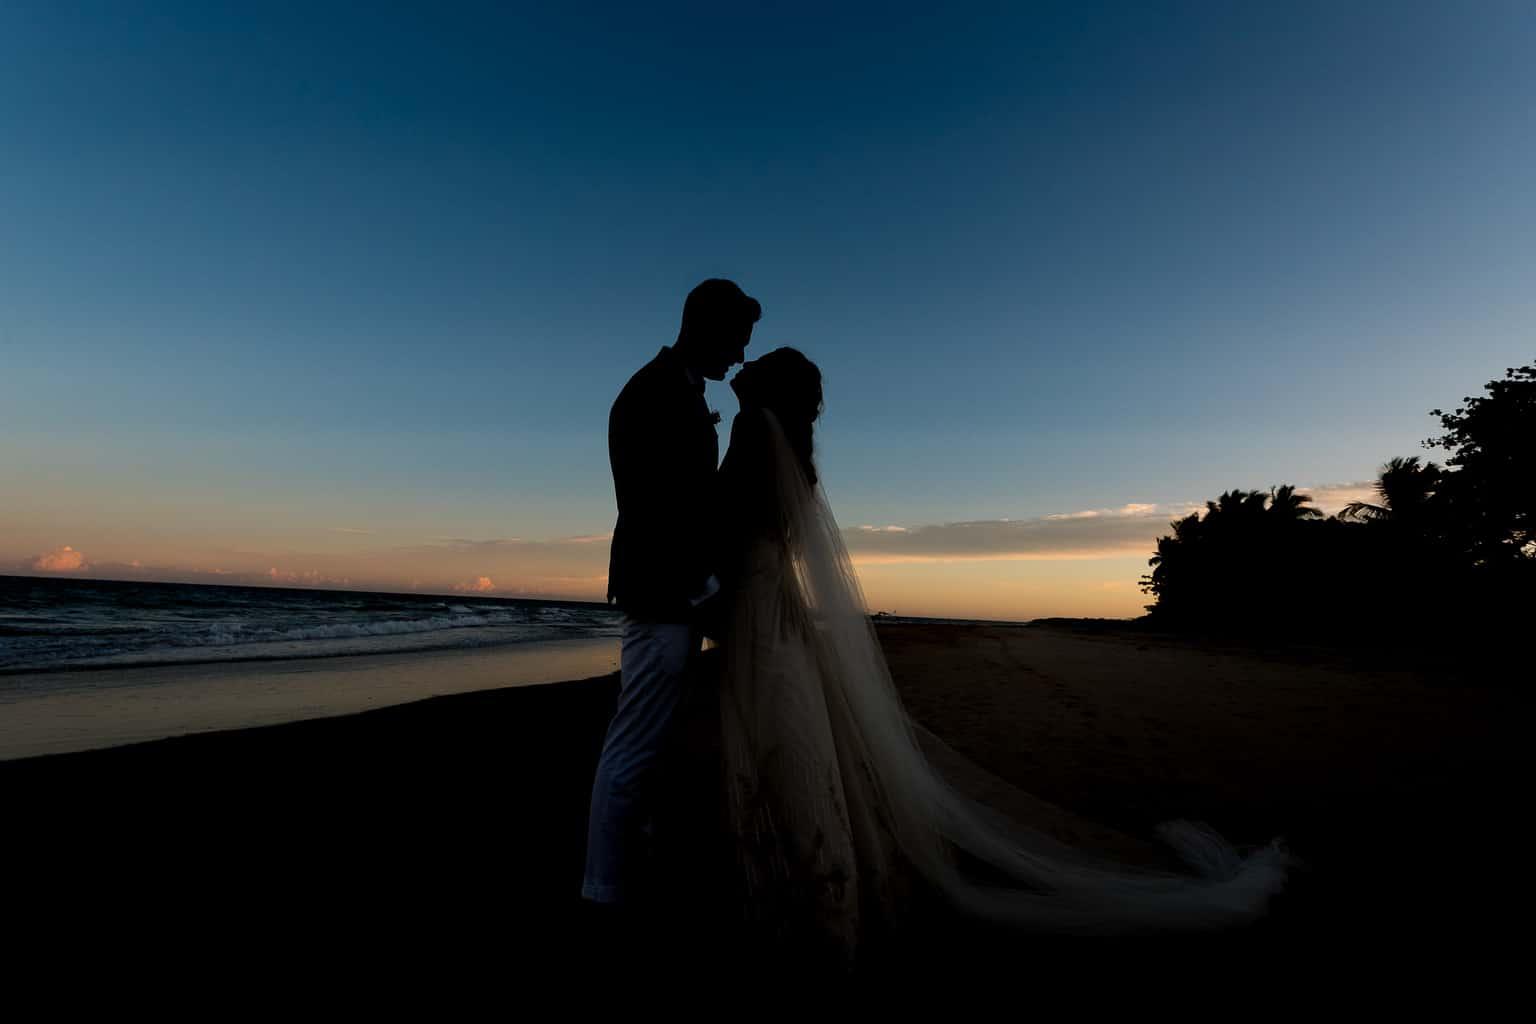 Casamento-Victoria-e-Christian-Fotografia-Tiago-Saldanha678_MG_3069-Editar